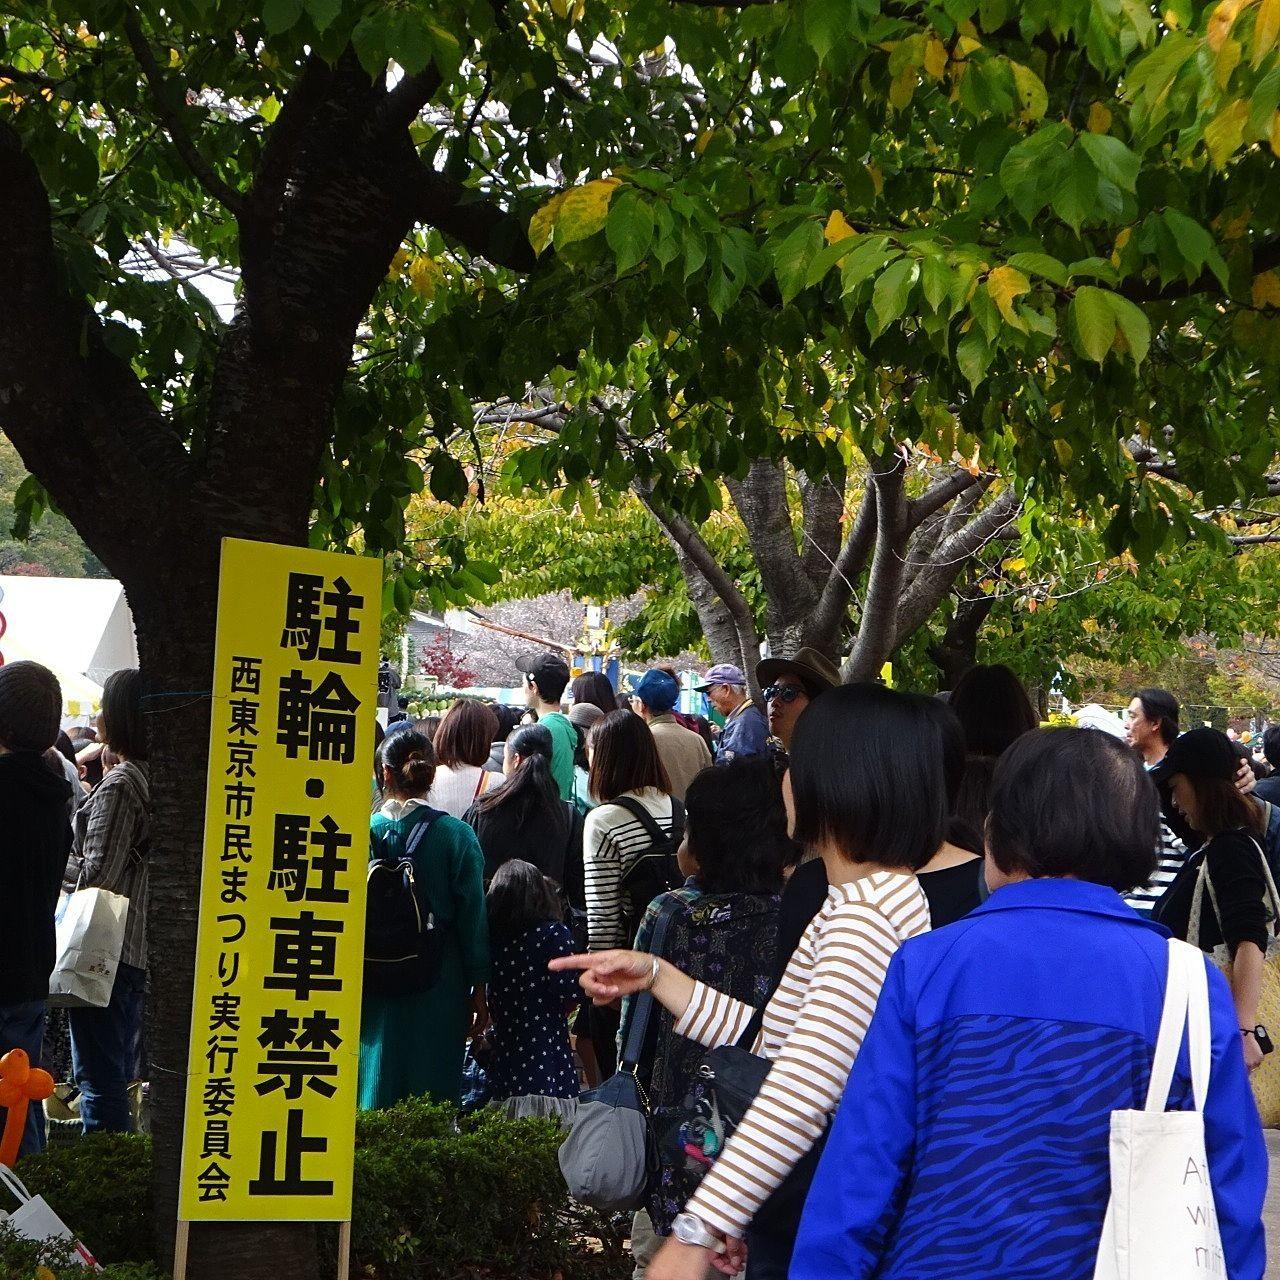 入口付近でシートを広げて食べる人もたくさんいます。